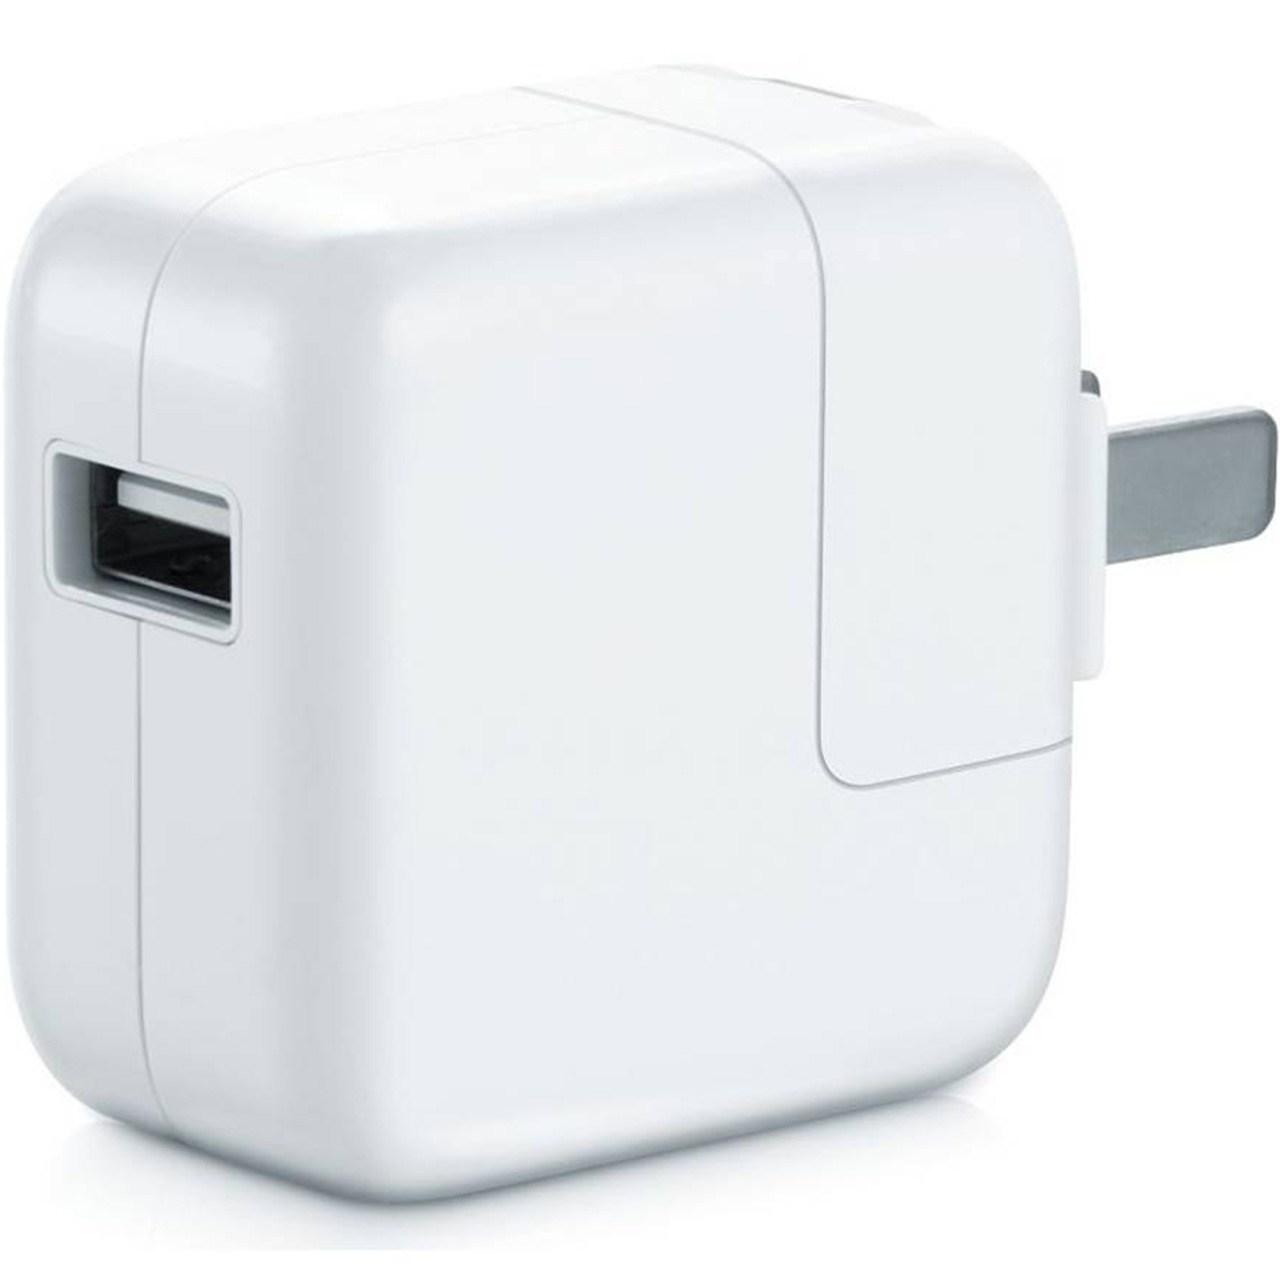 شارژر دیواری اپل مدل MD836              ( قیمت و خرید)